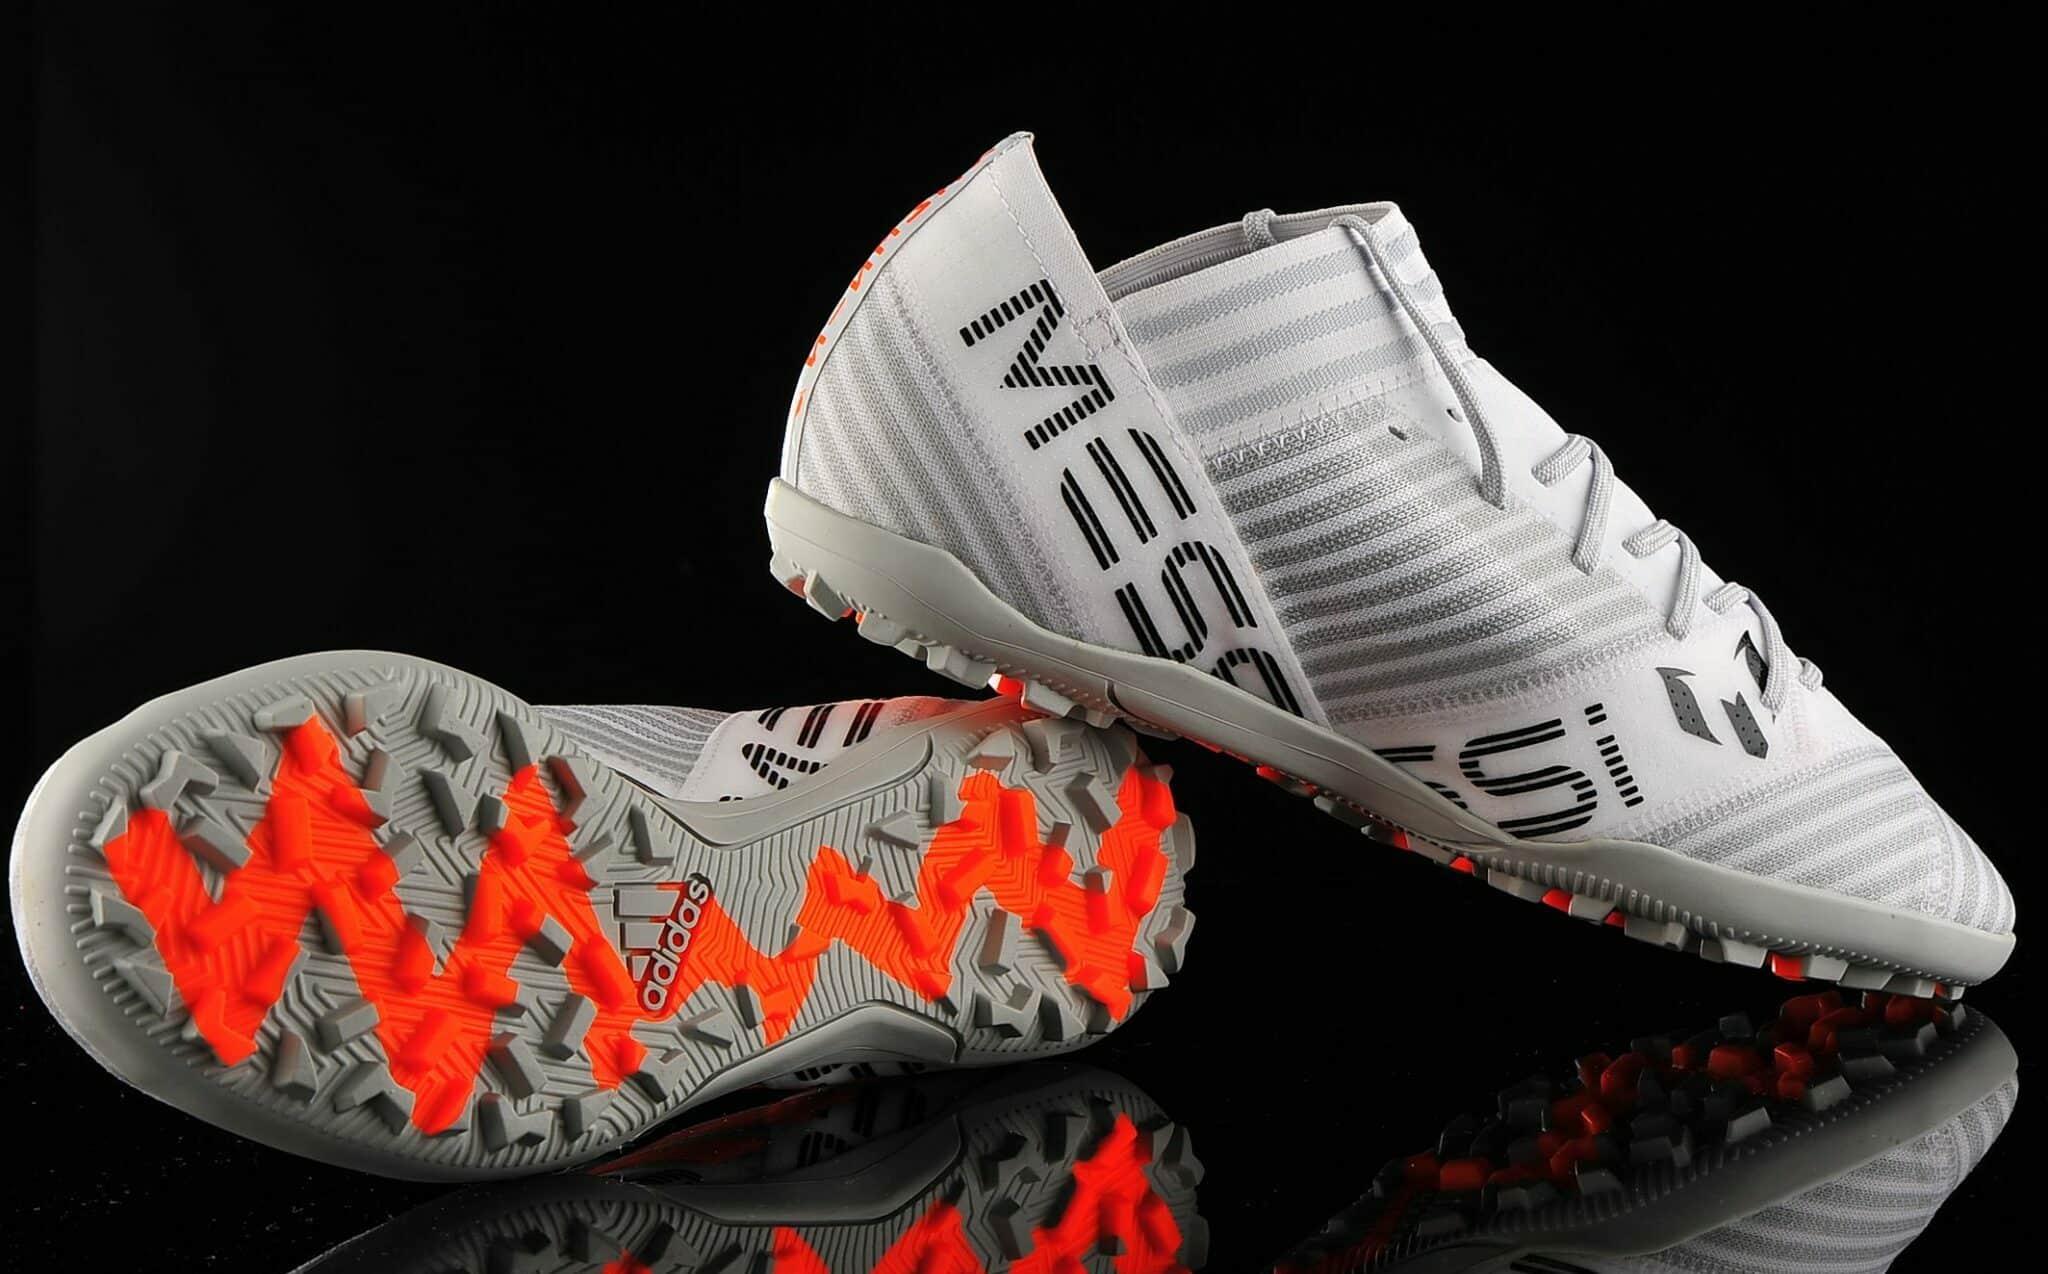 Adidas-Men-Nemeziz-Messi-Tango-17.3